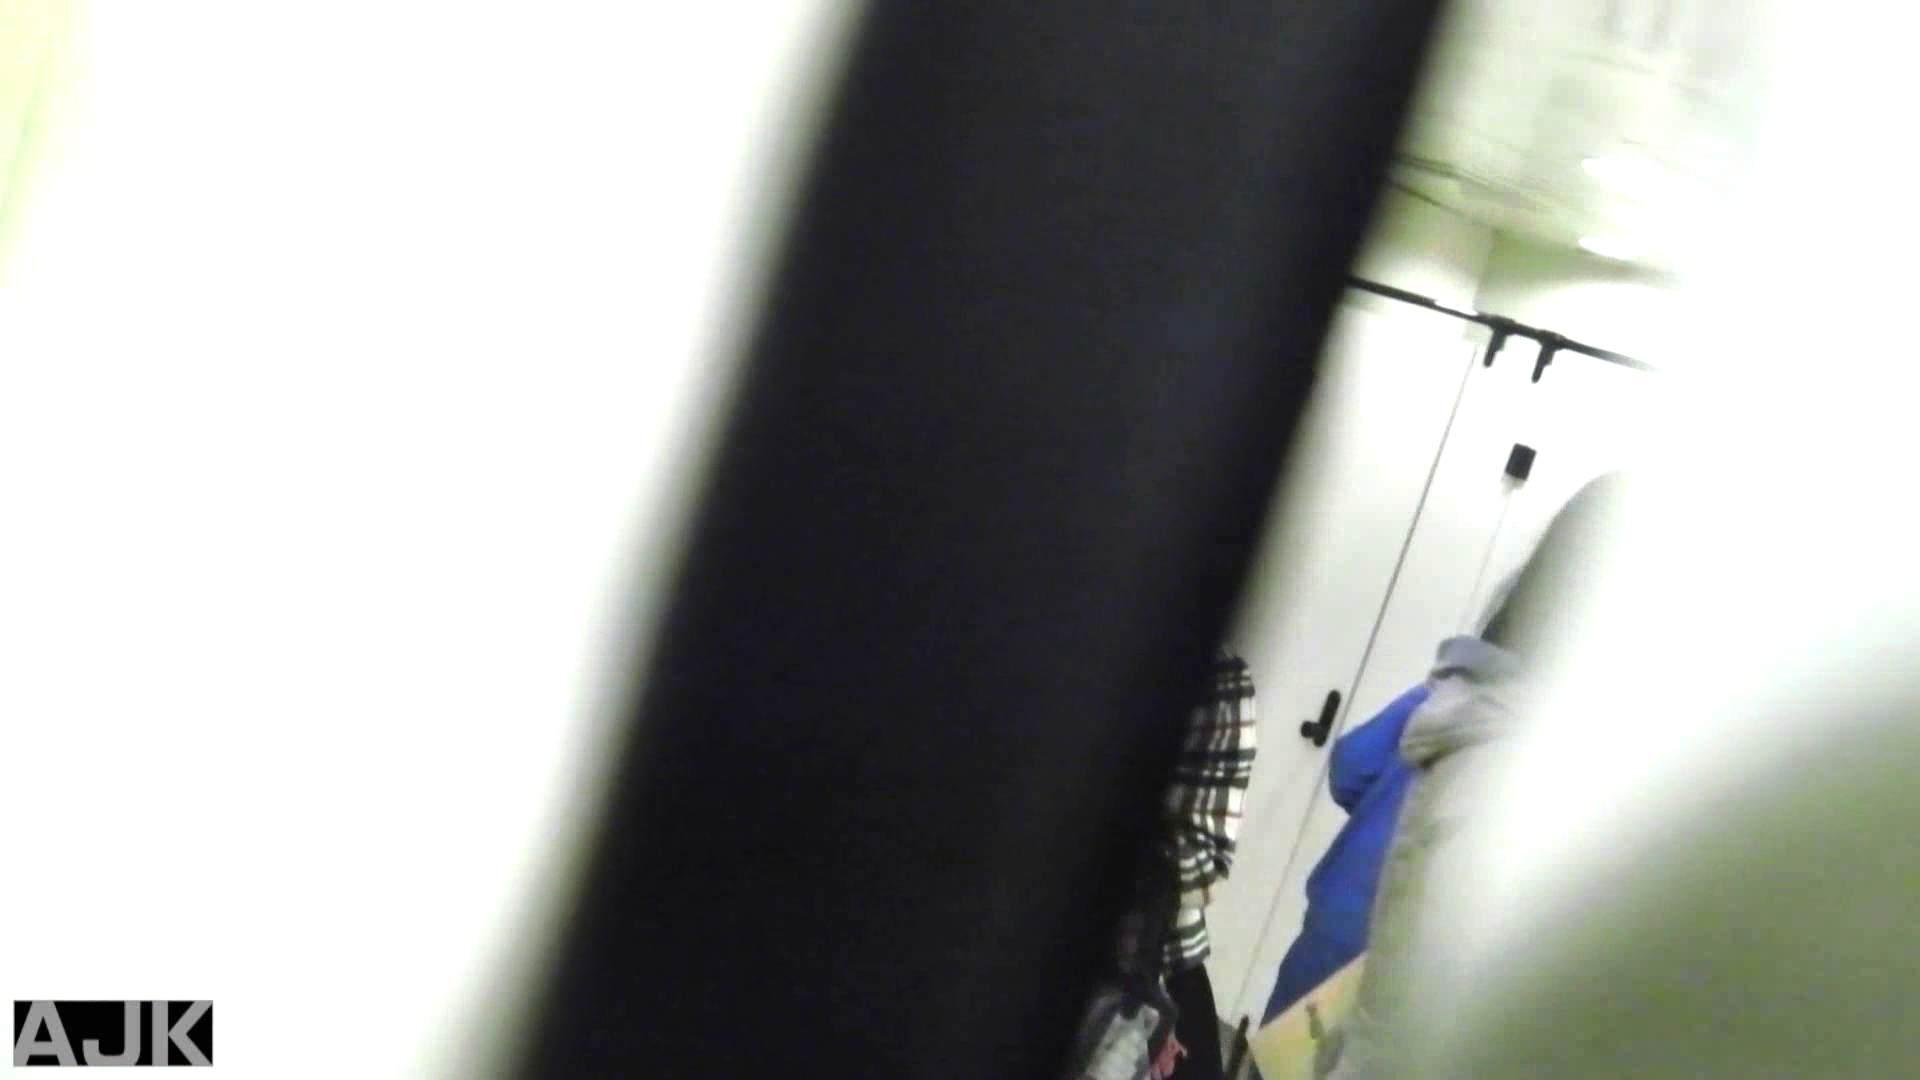 神降臨!史上最強の潜入かわや! vol.16 美女丸裸 おまんこ動画流出 106pic 53